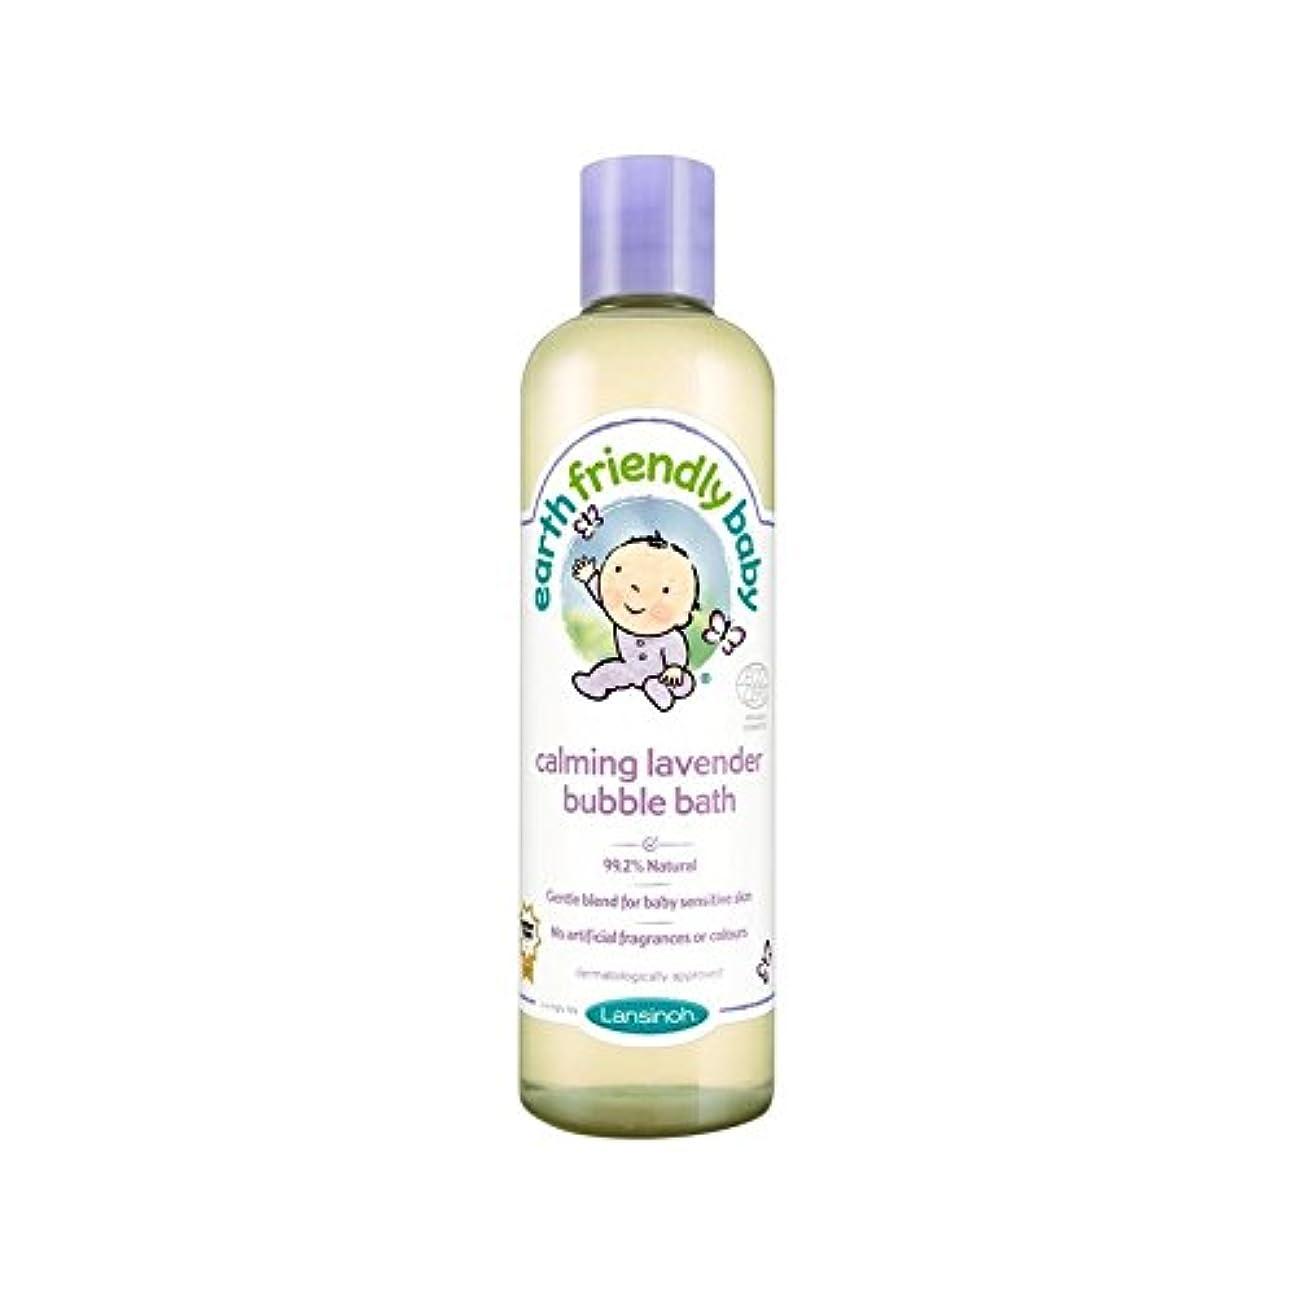 反抗責めクーポン赤ちゃん沈静ラベンダー泡風呂のエコサートの300ミリリットル (Earth Friendly) (x 2) - Earth Friendly Baby Calming Lavender Bubble Bath ECOCERT...